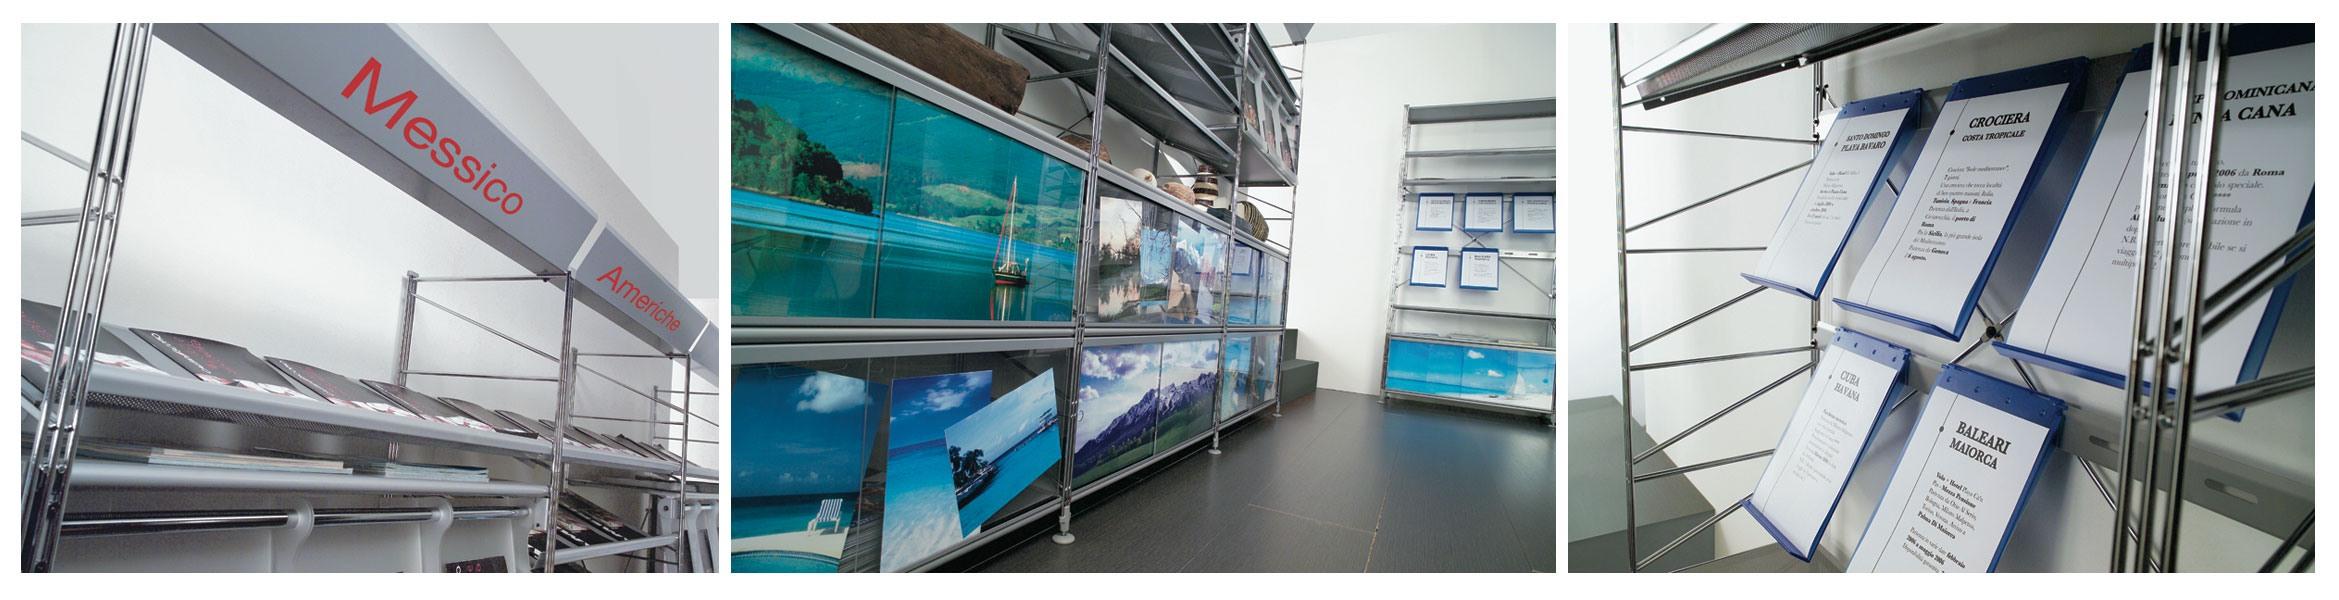 Socrate display unit, Méthacrylate de rayonnage avec structure en acier